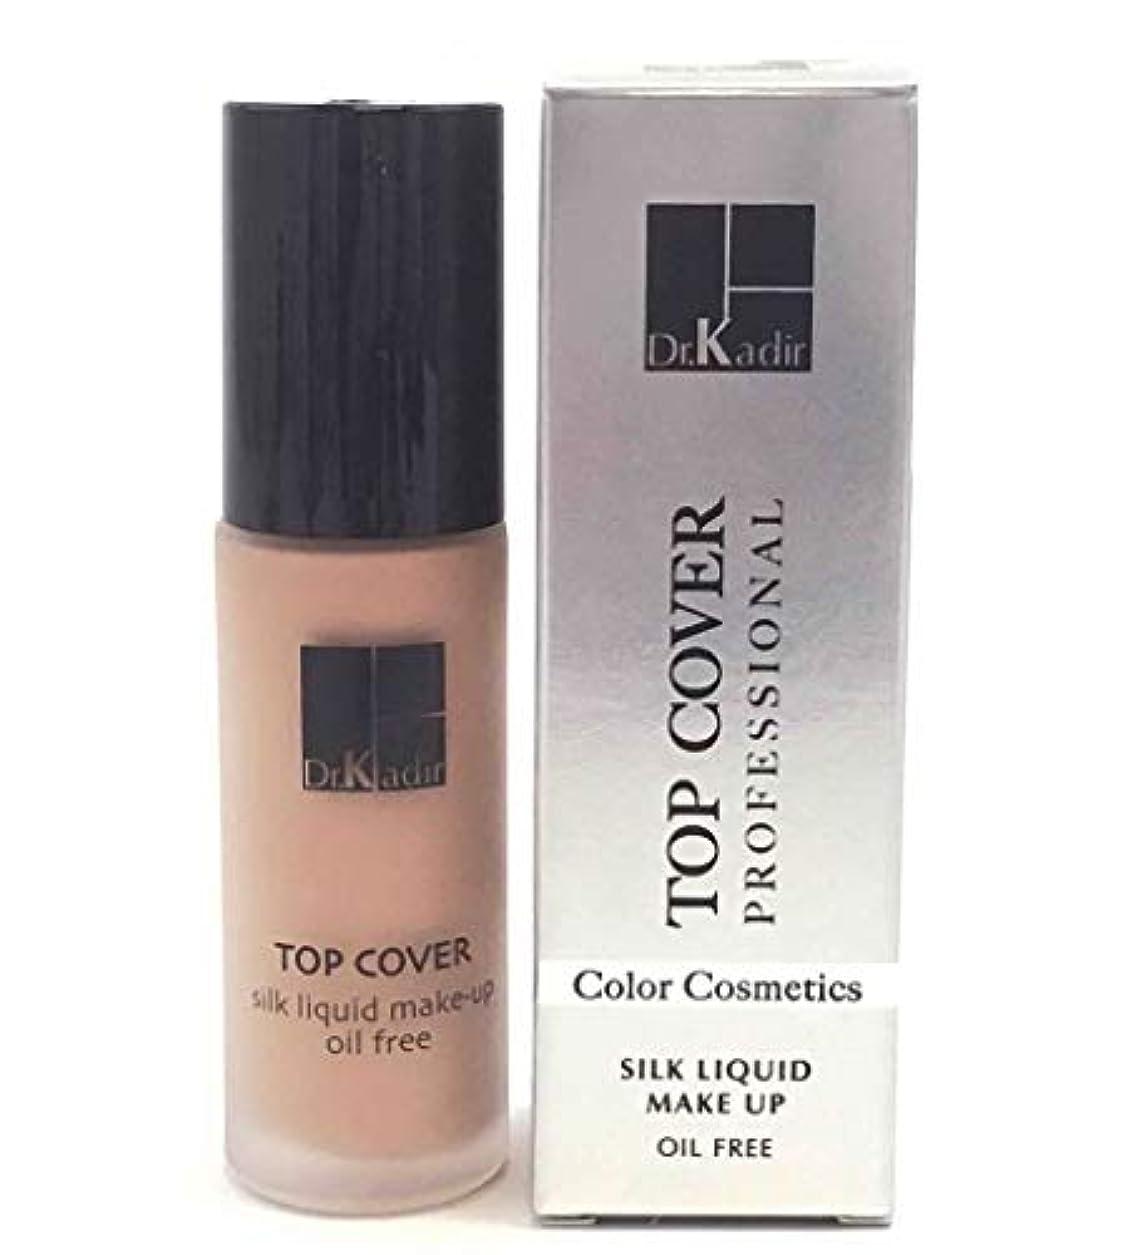 符号旅客コードDr. Kadir Top Cover Silk Liquid Make Up Oil Free 30ml (shade 1)